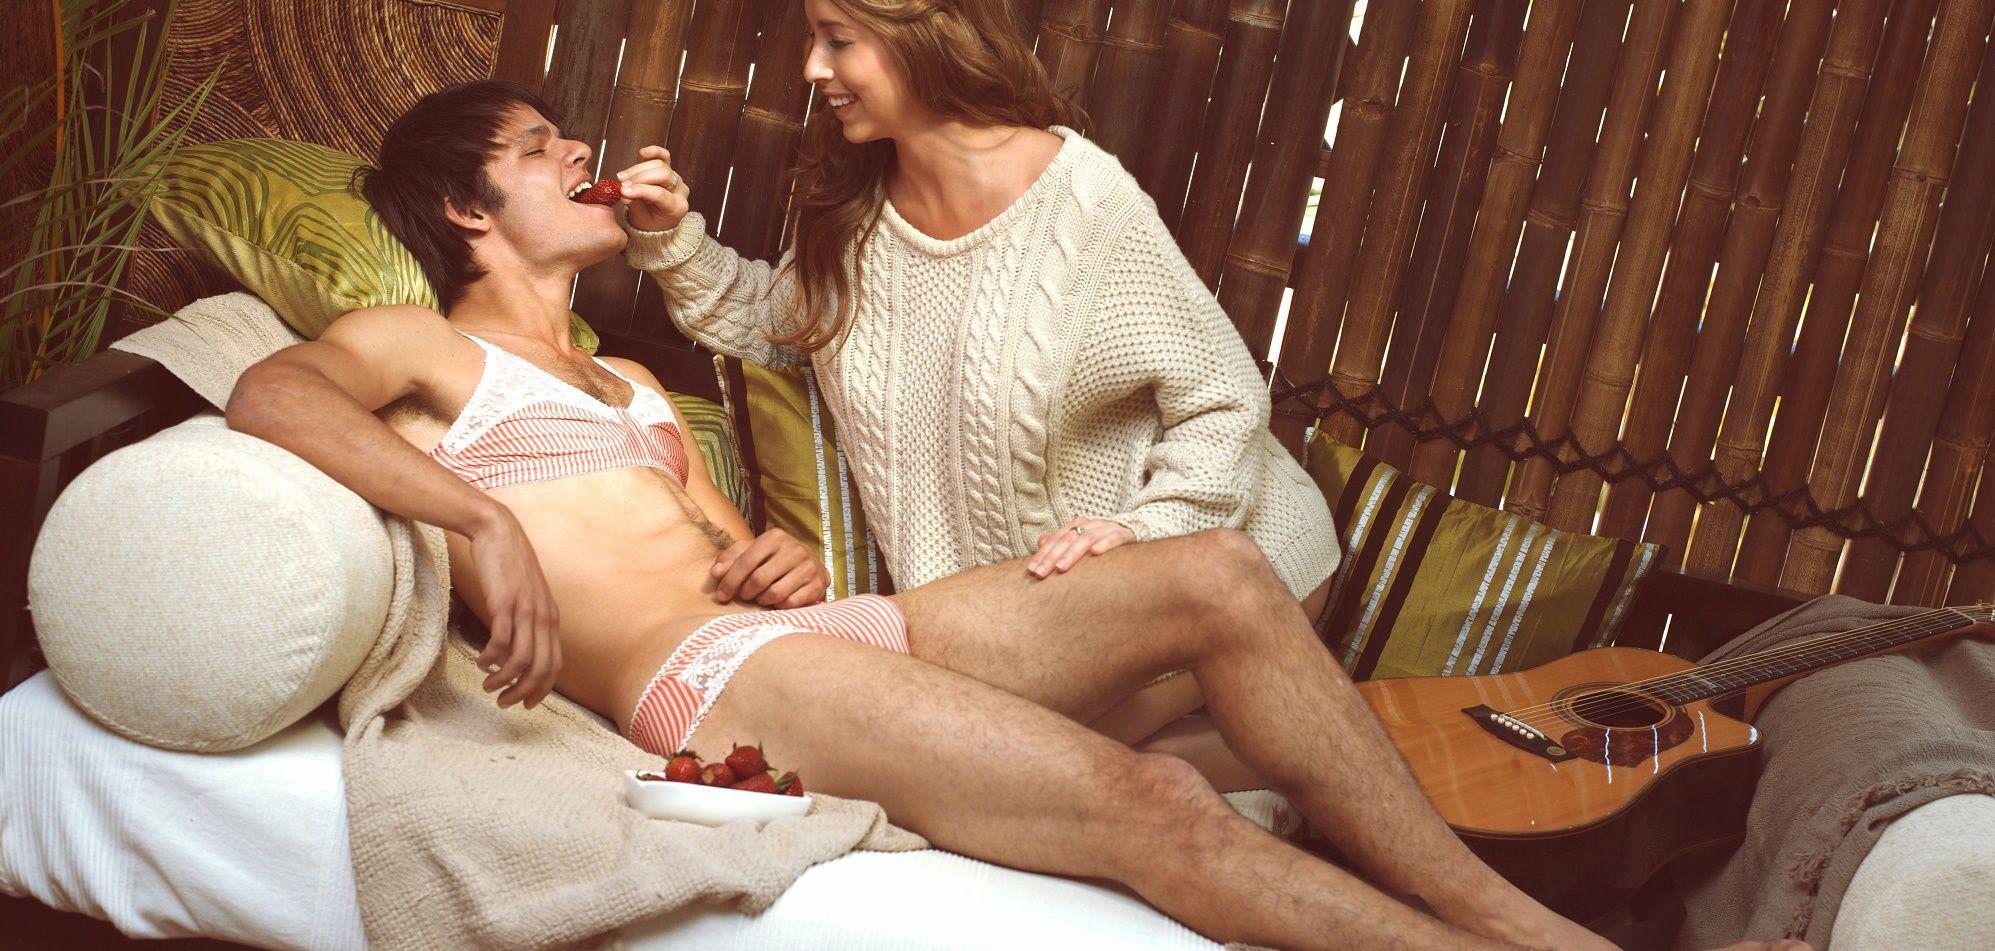 Perché gli uomini rubano la lingerie femminile?